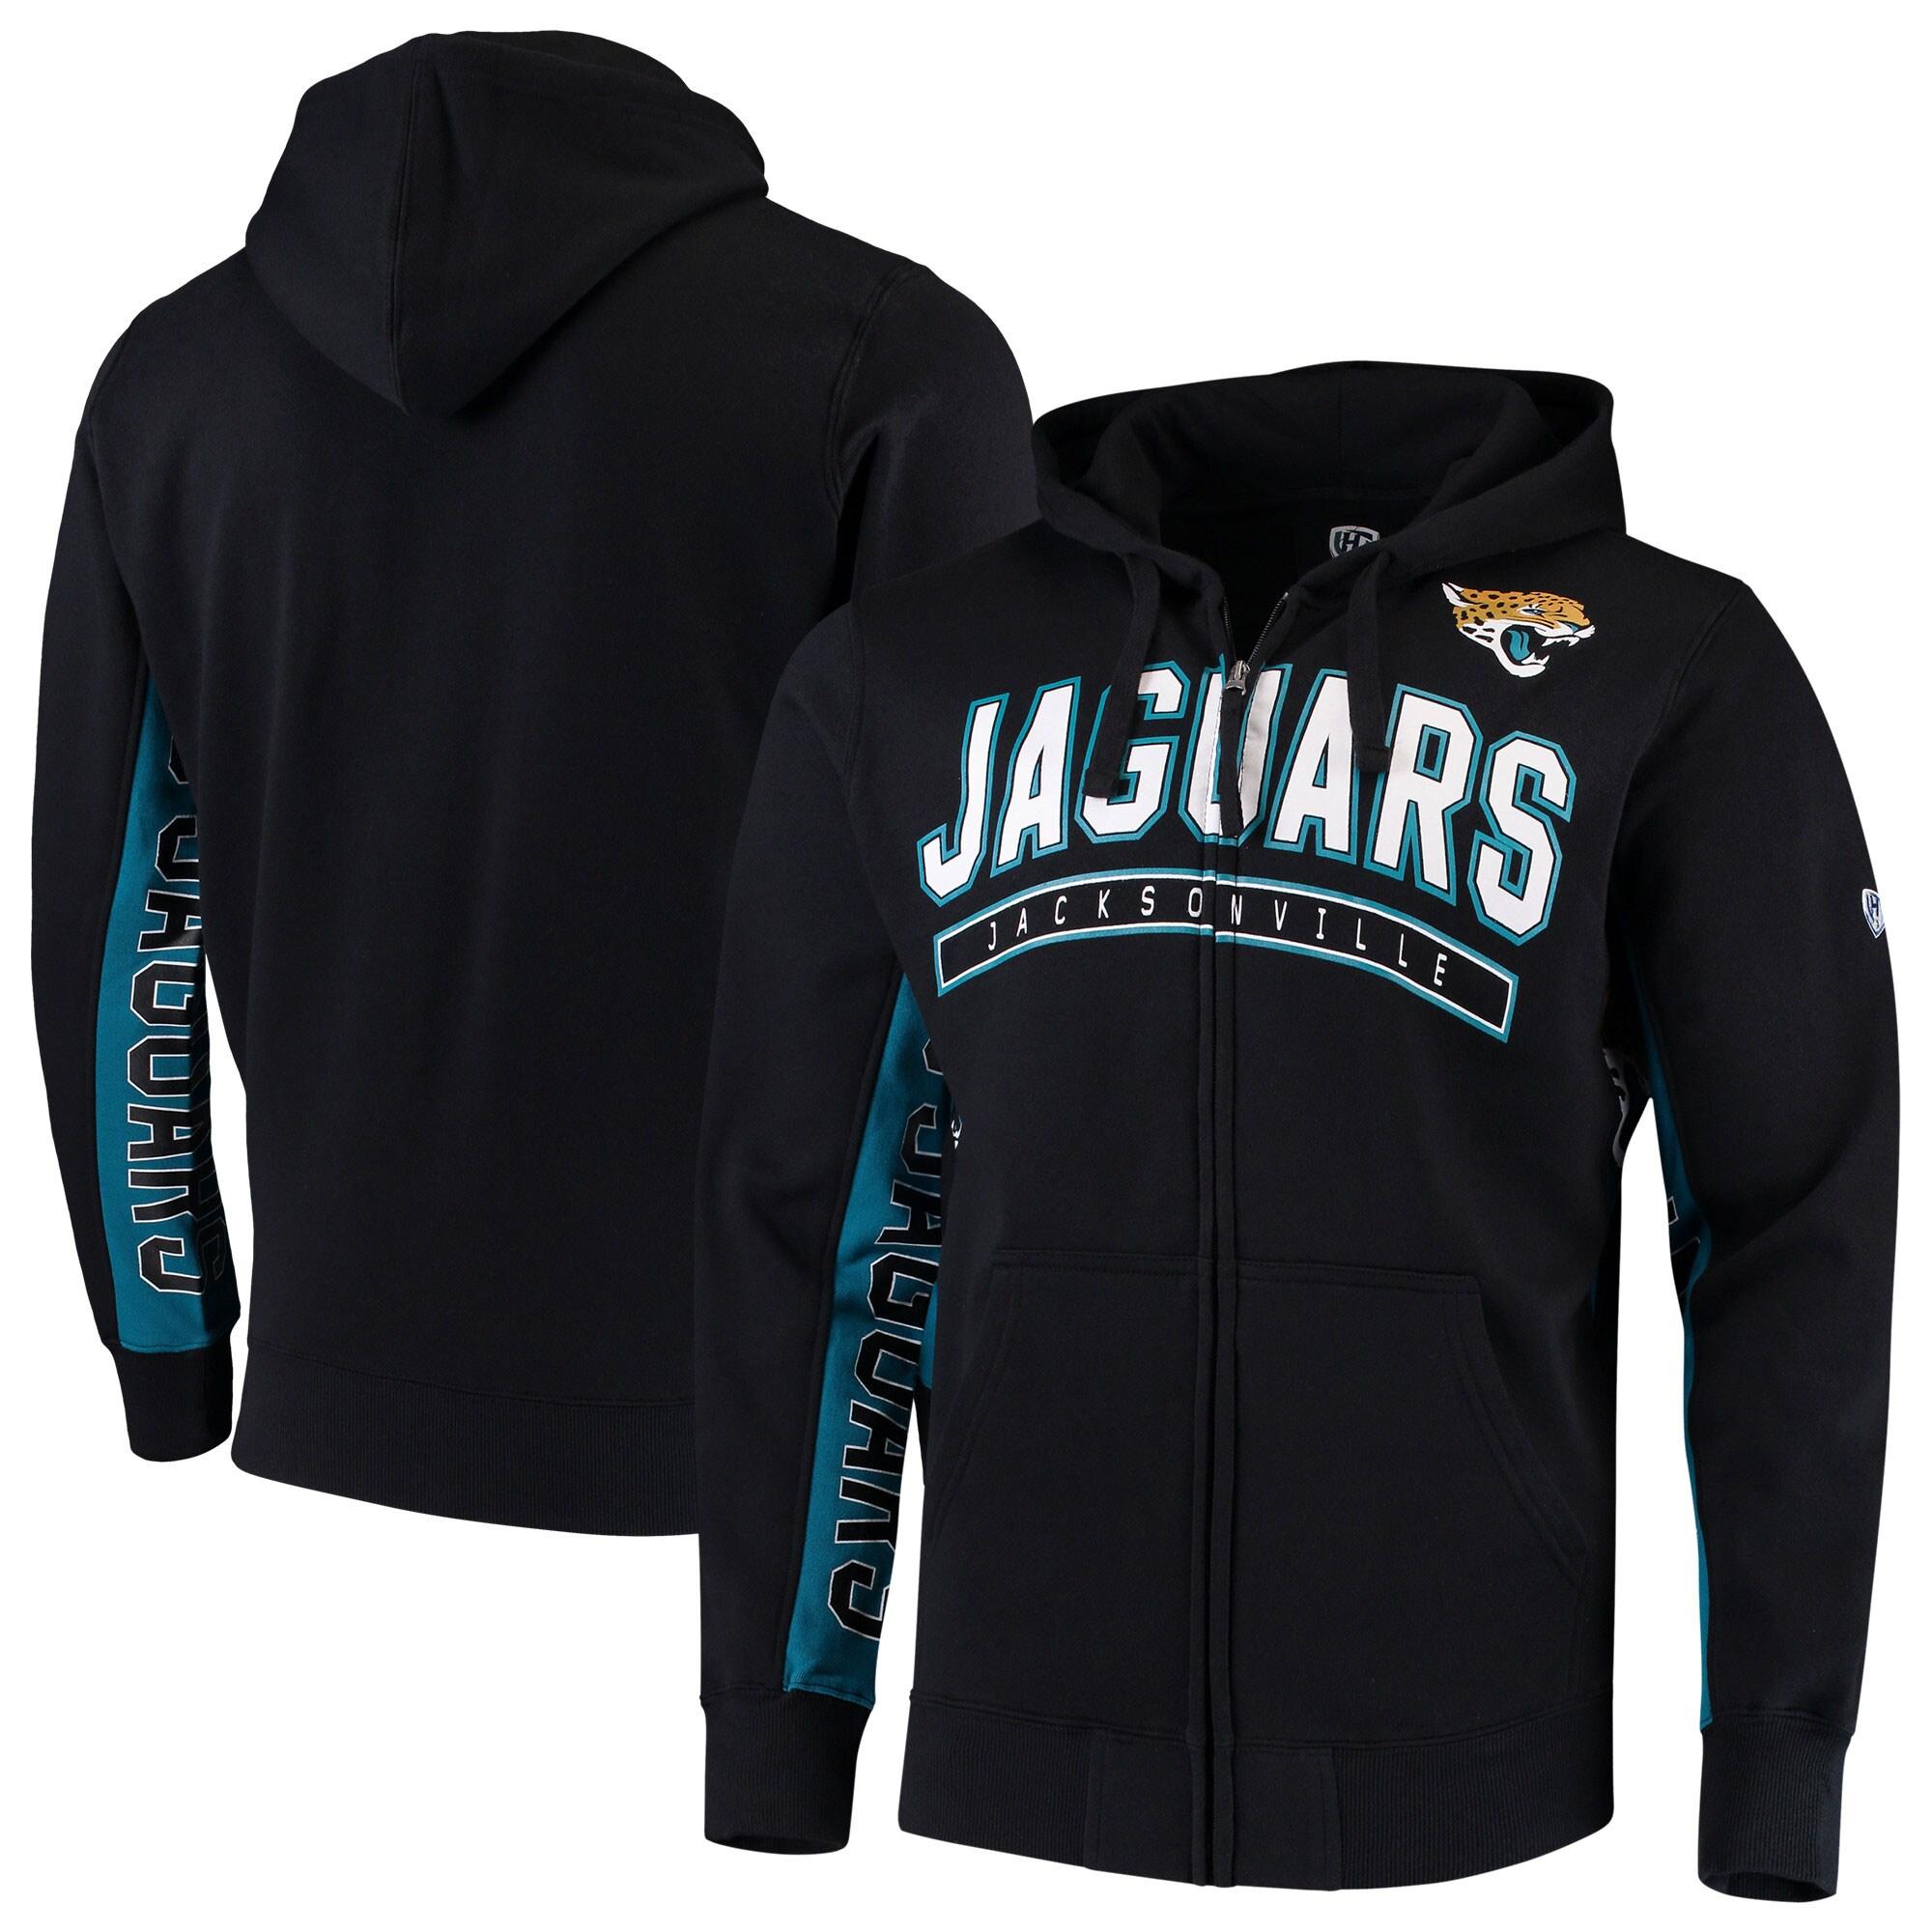 Jacksonville Jaguars Hands High Blowout Full-Zip Hoodie - Black/Teal